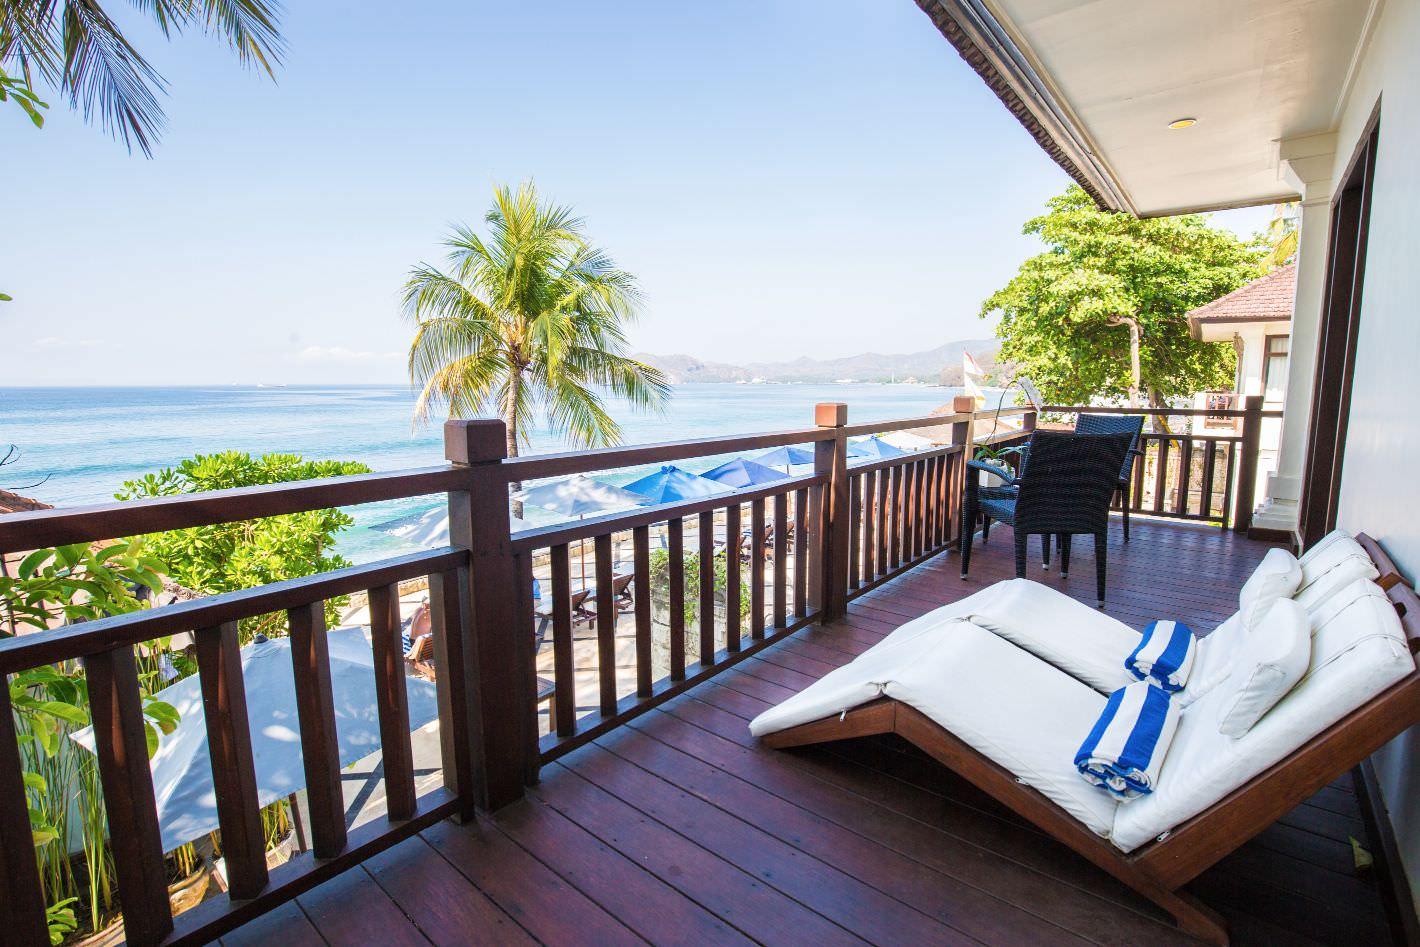 Book A Room At Royal Candidasa And Enjoy The Tropical